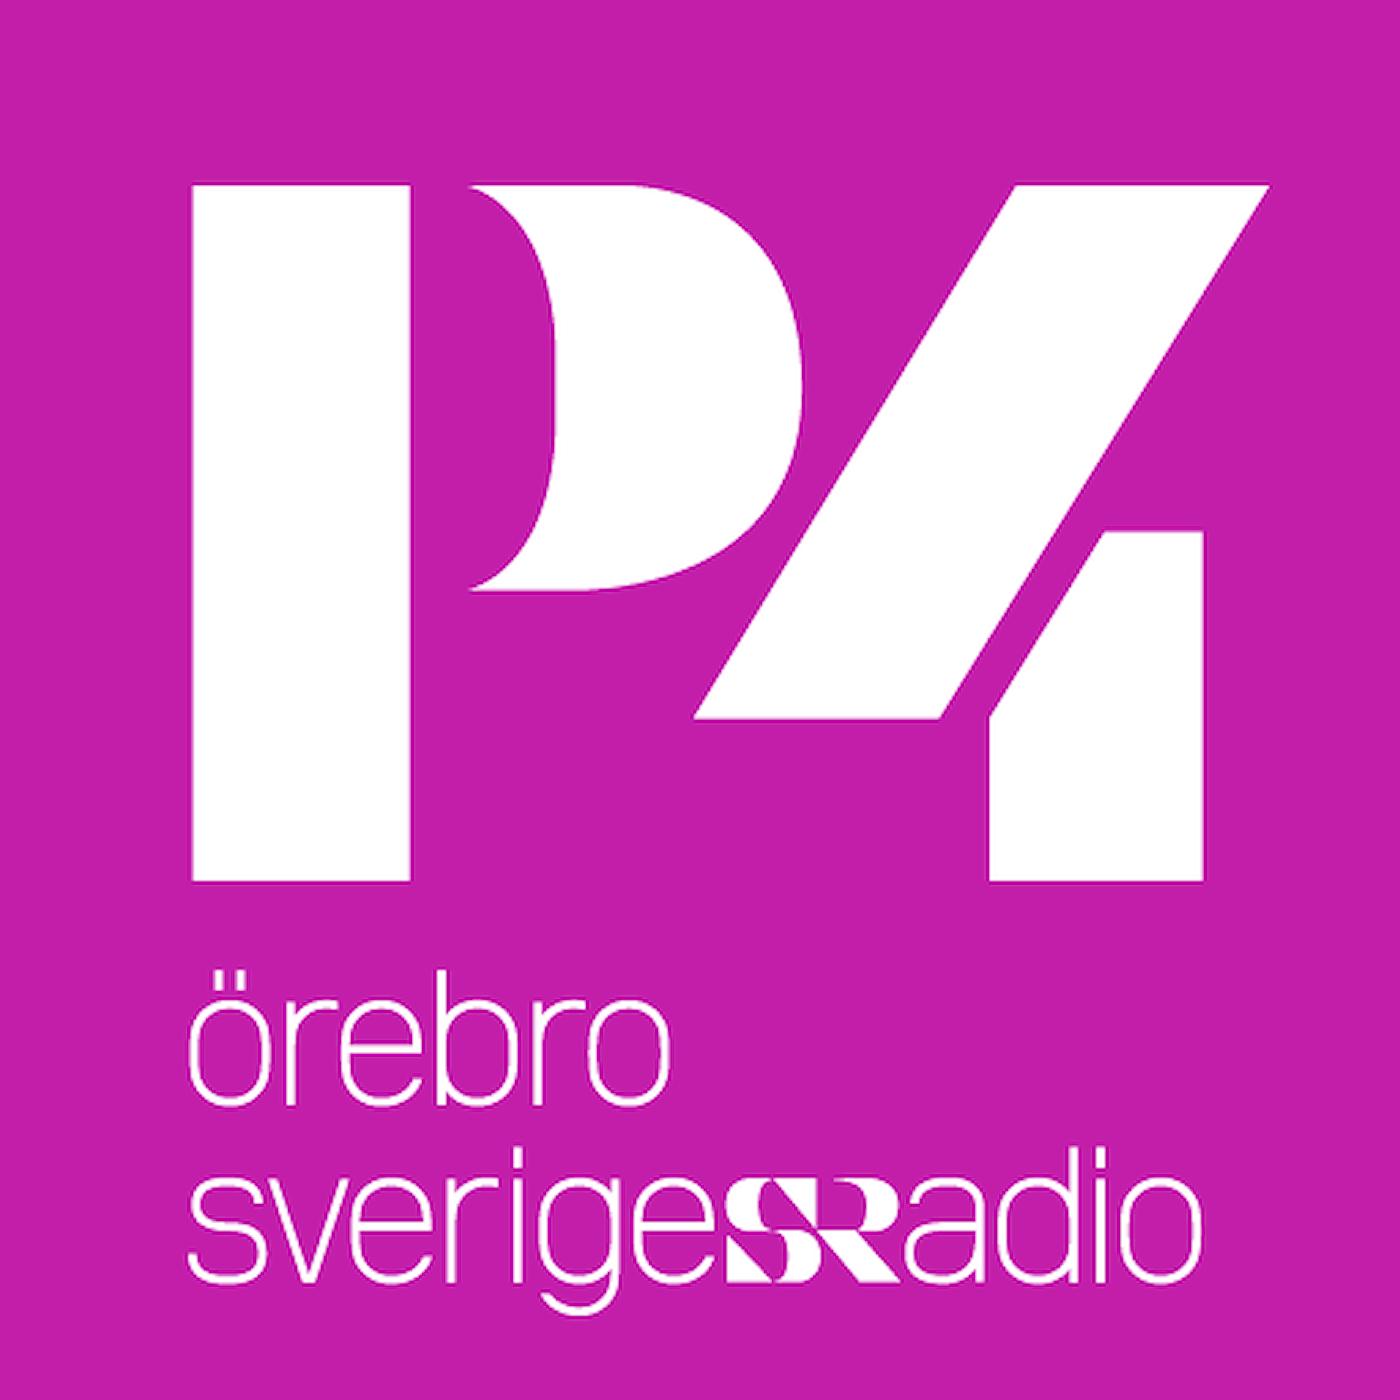 Nyheter från Örebro